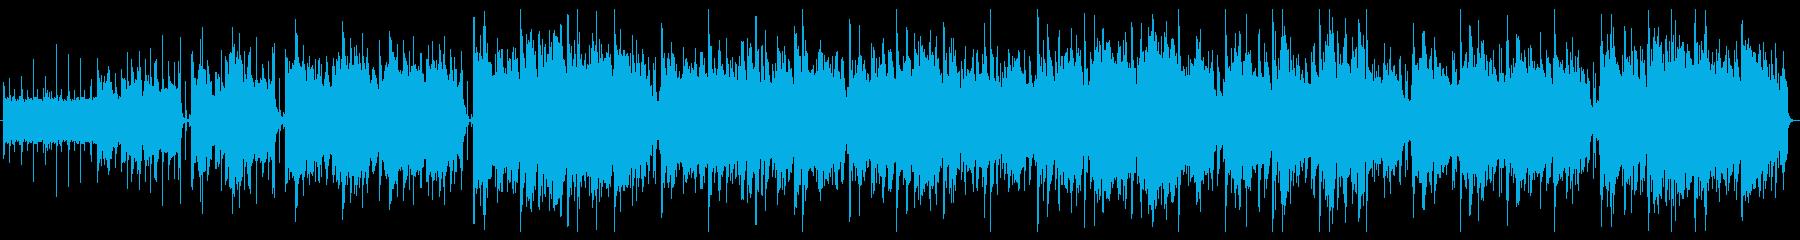 のんびり、さわやかなブラシドラム、...の再生済みの波形